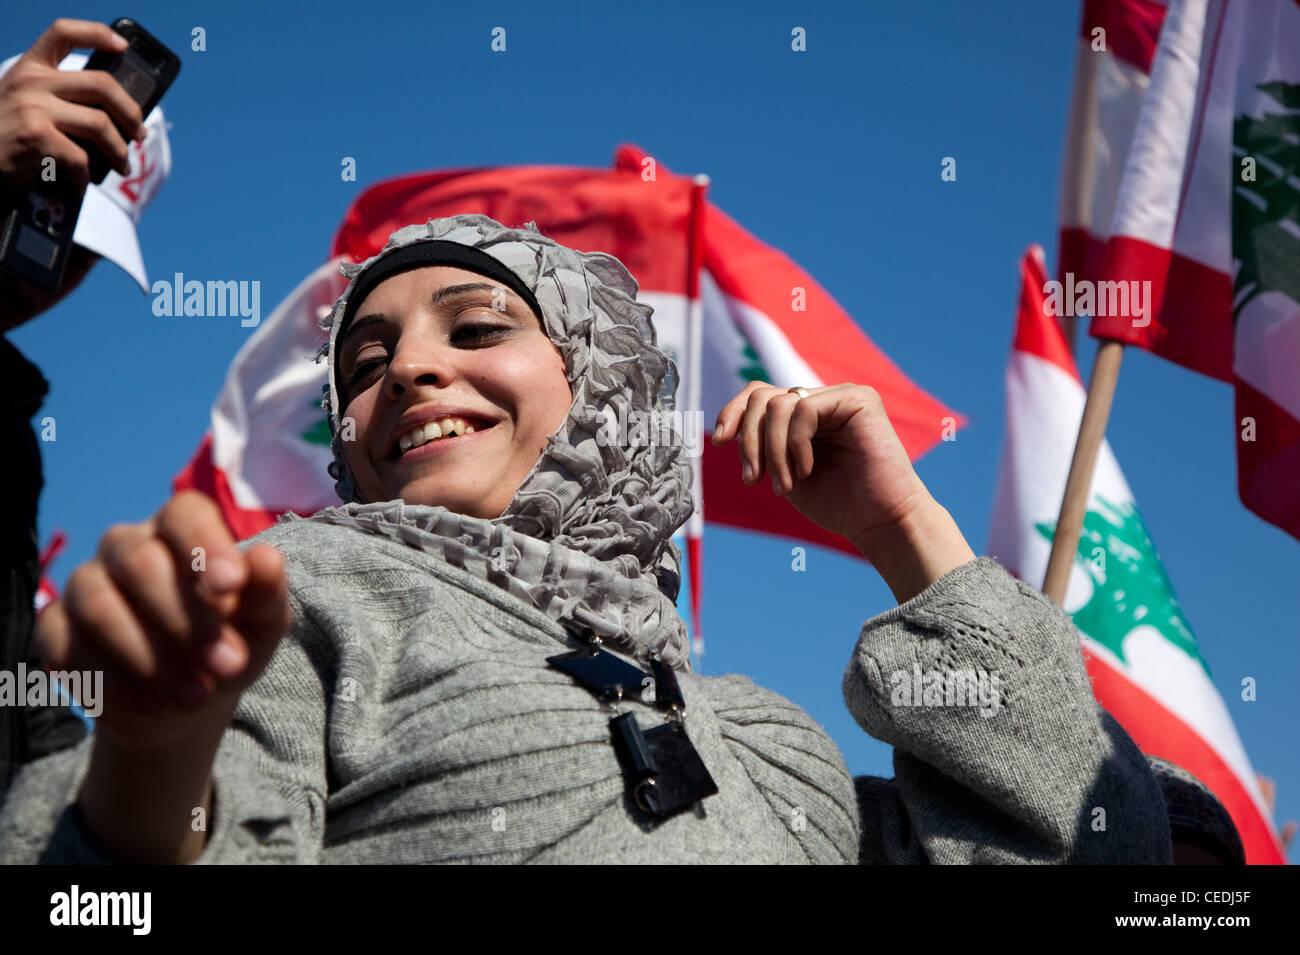 Mujer joven con elegante pañuelo de sonrisas y bailes de cerca en un mitin político en la Plaza de los Imagen De Stock